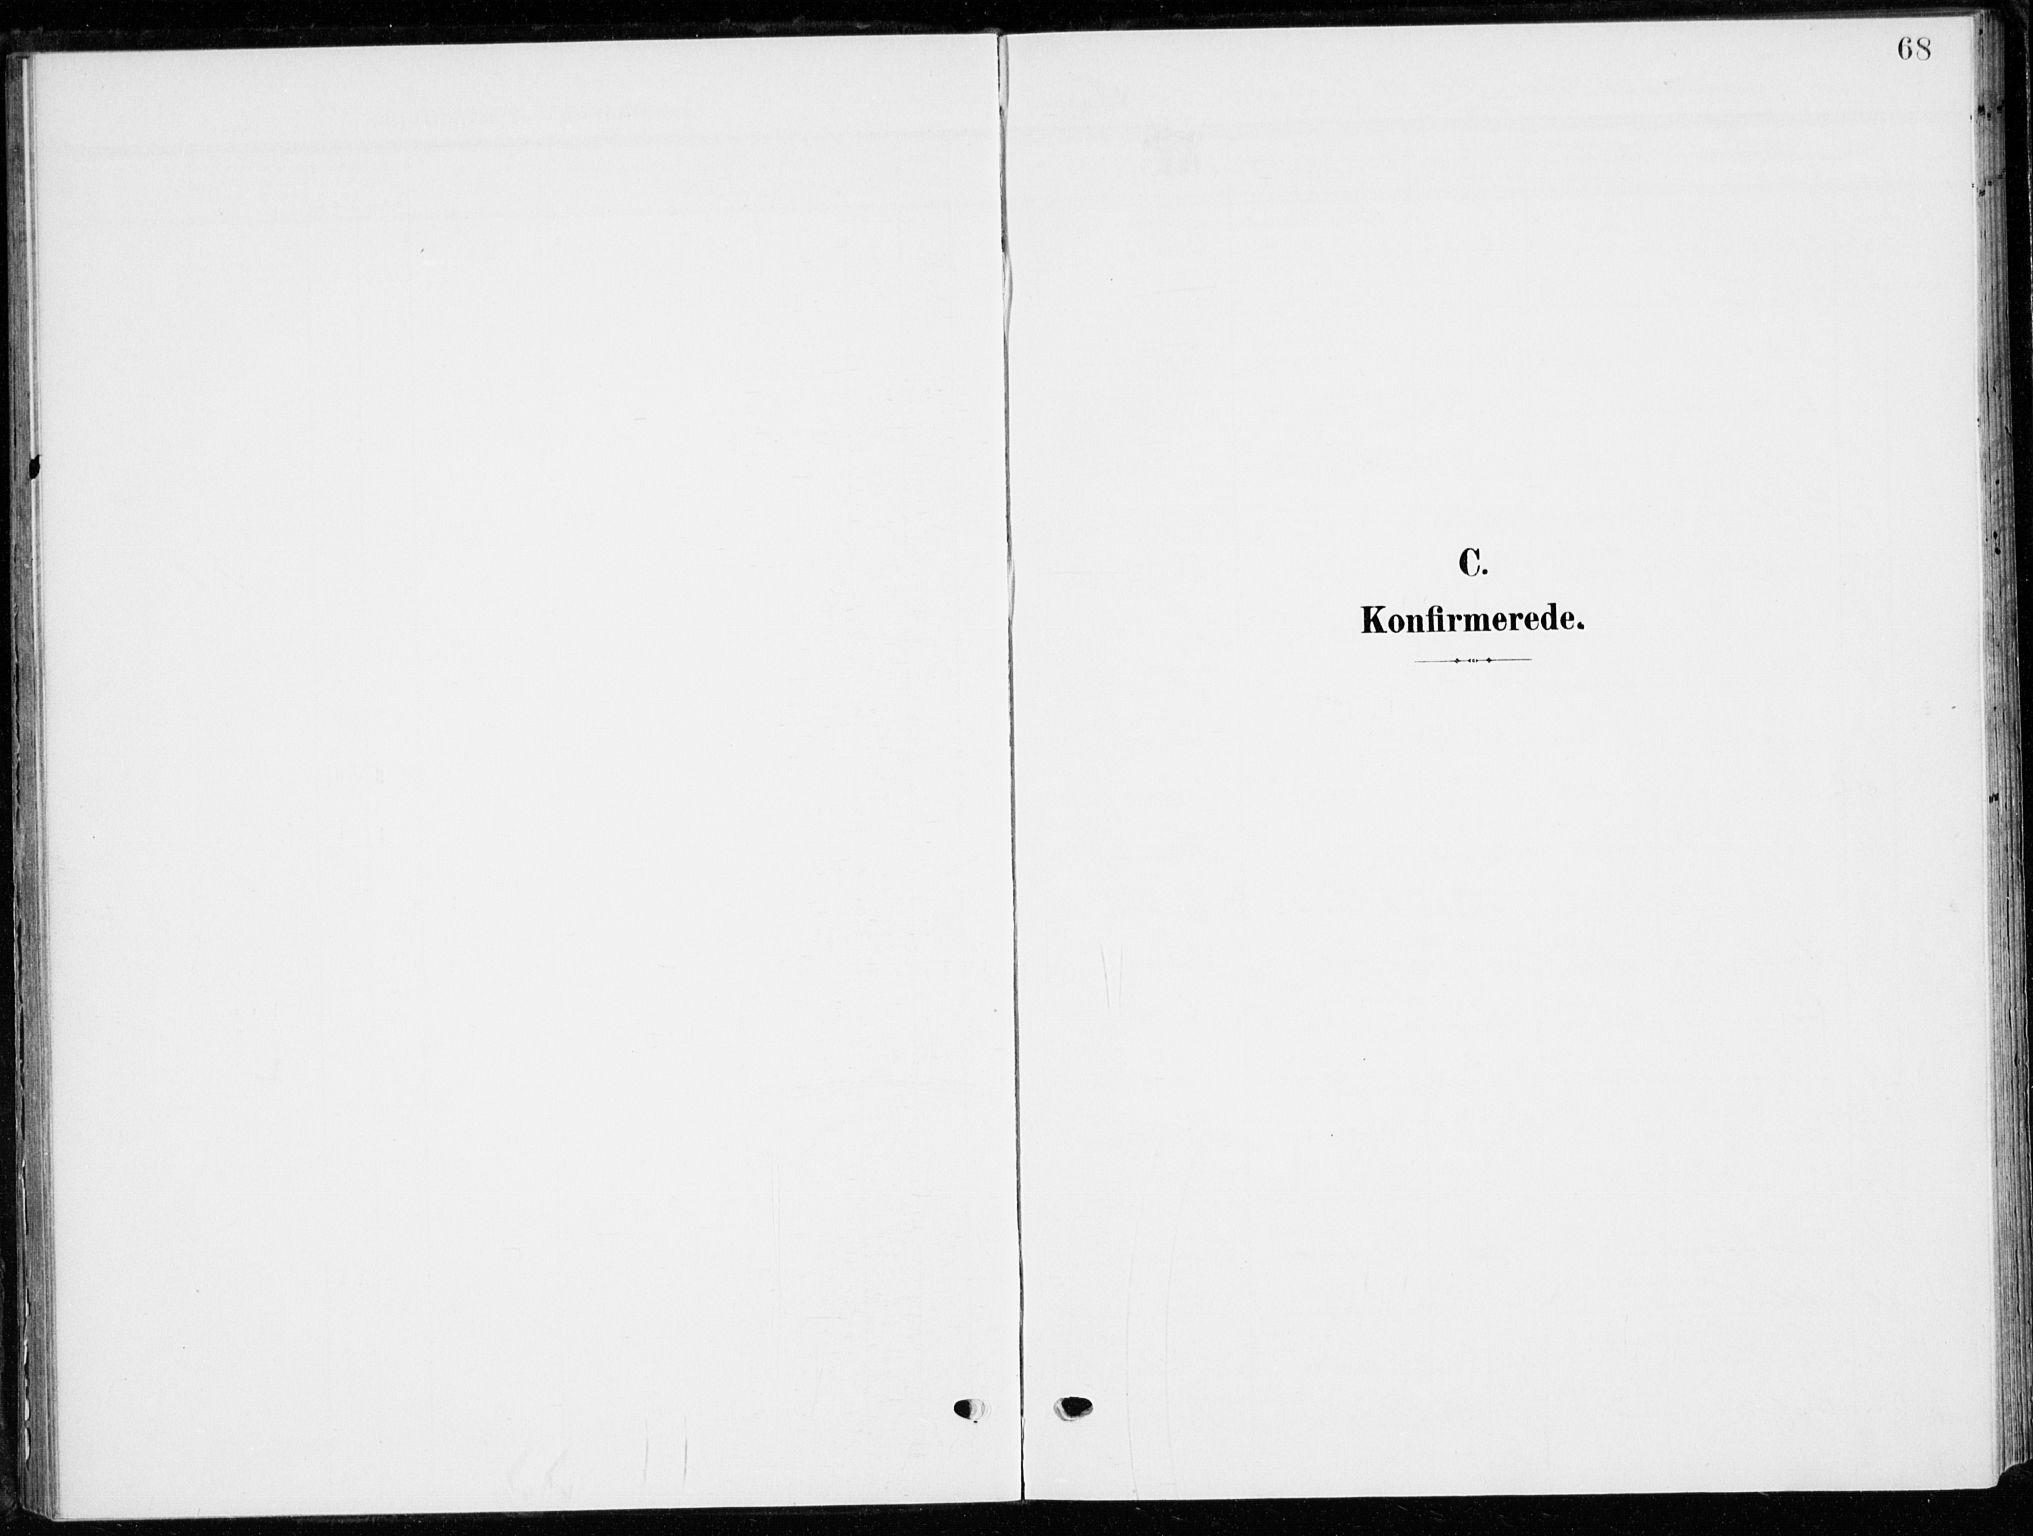 SAH, Ringsaker prestekontor, K/Ka/L0021: Ministerialbok nr. 21, 1905-1920, s. 68